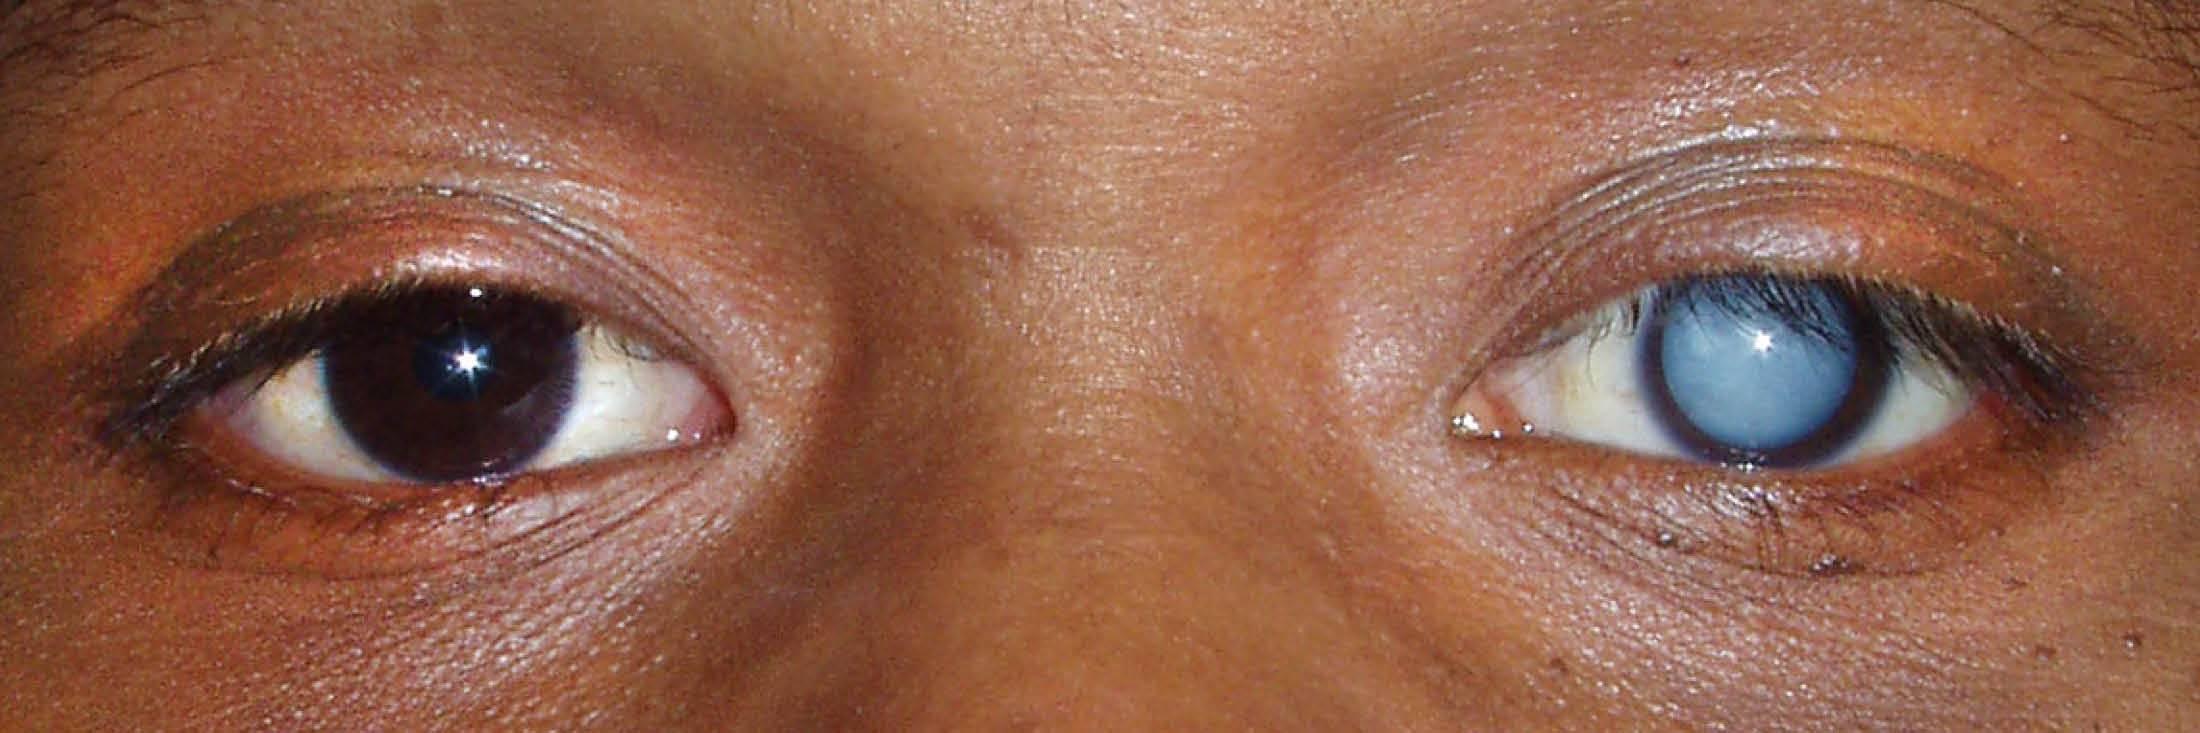 Катаракта – причины, виды, симптомы и признаки, диагностика помутнения хрусталика глаза, осложнения